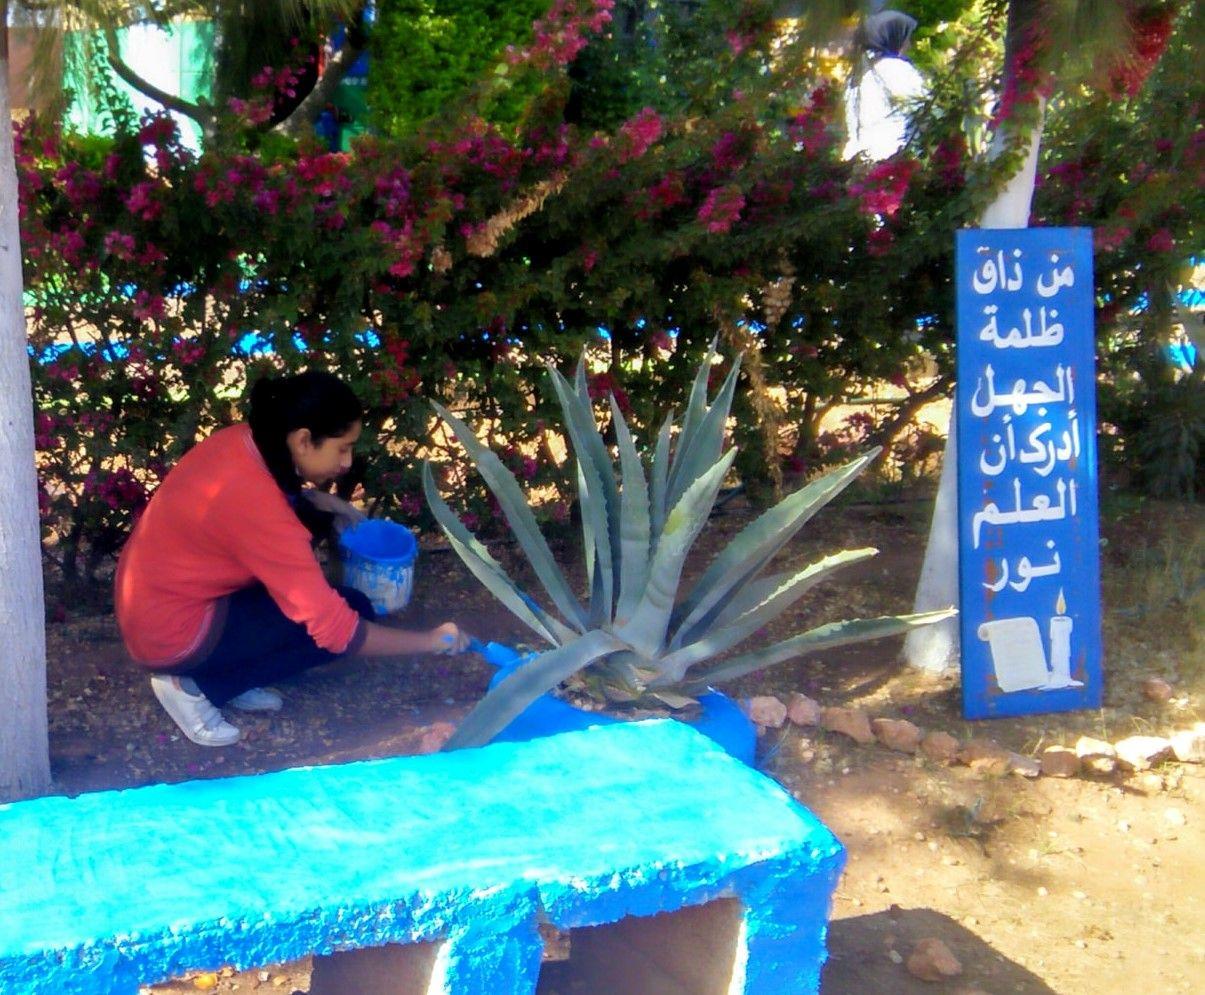 إعادة صباغة وتجديد مجموعة من المجسمات من ذاق ظ لمة الجهل أدرك أن العلم نور مصطفى نور الدين